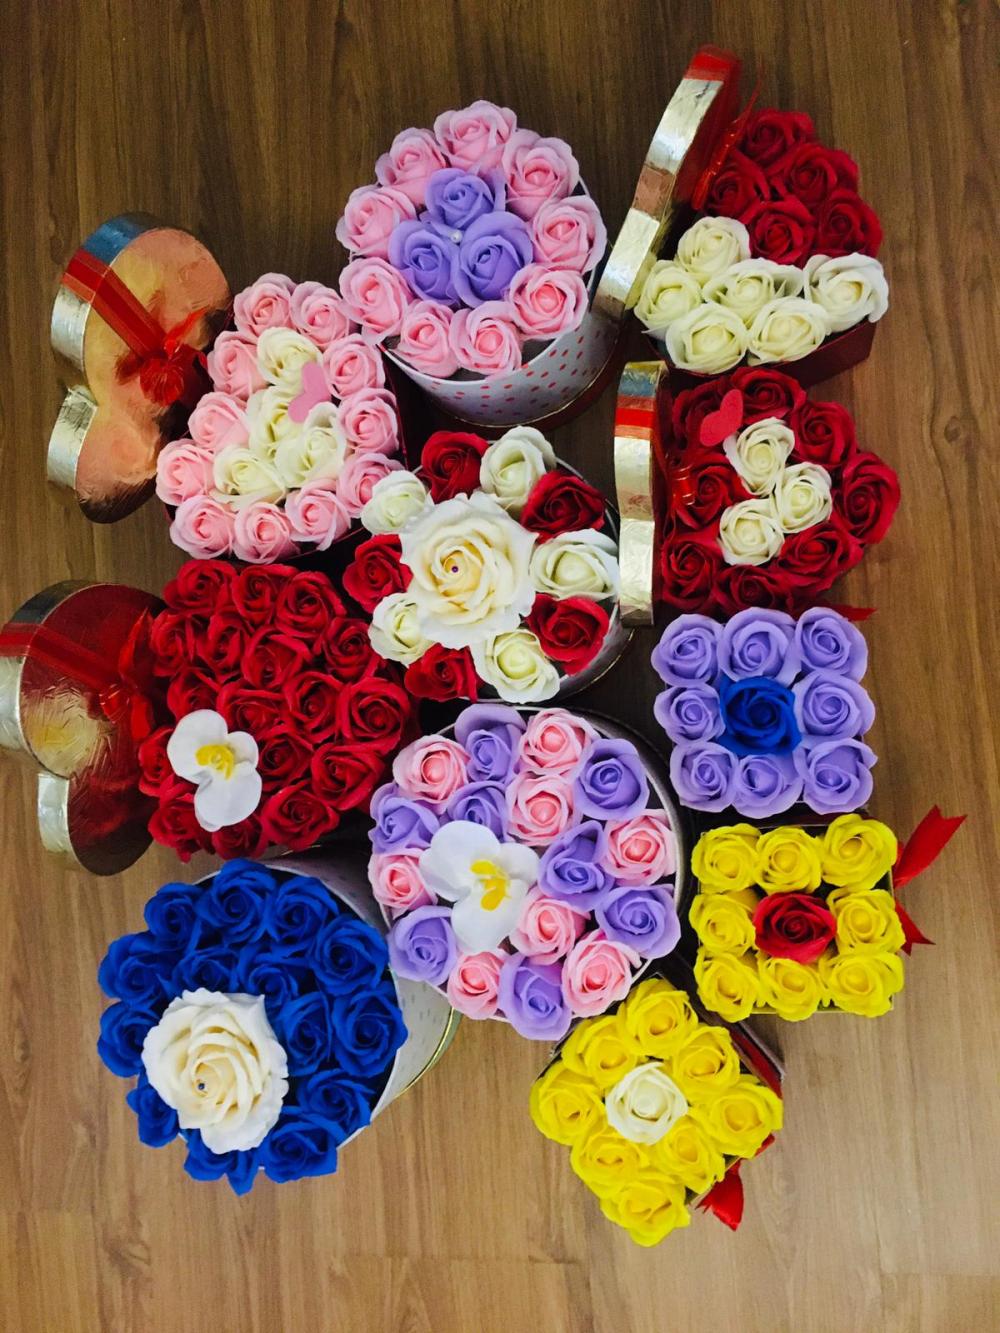 Aranjamente trandafiri de sapun cover image